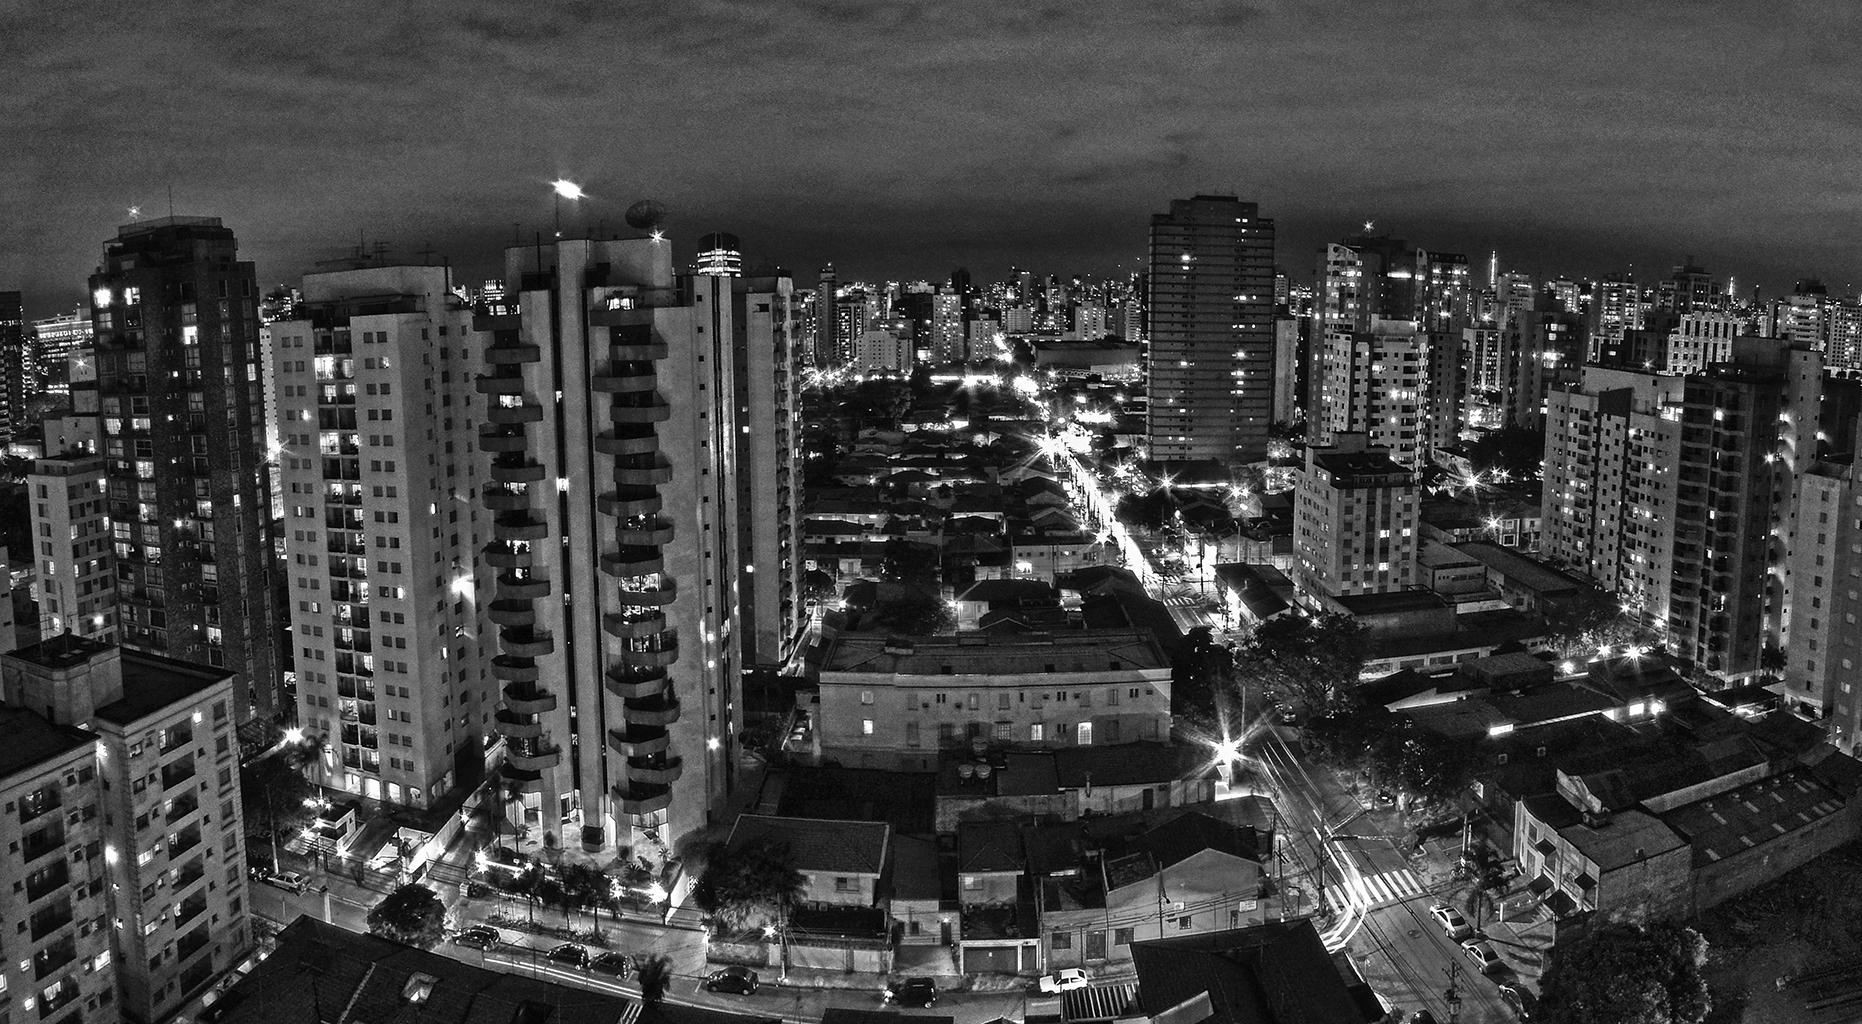 Nighttime City Panorama, Sao Paulo, Brazil